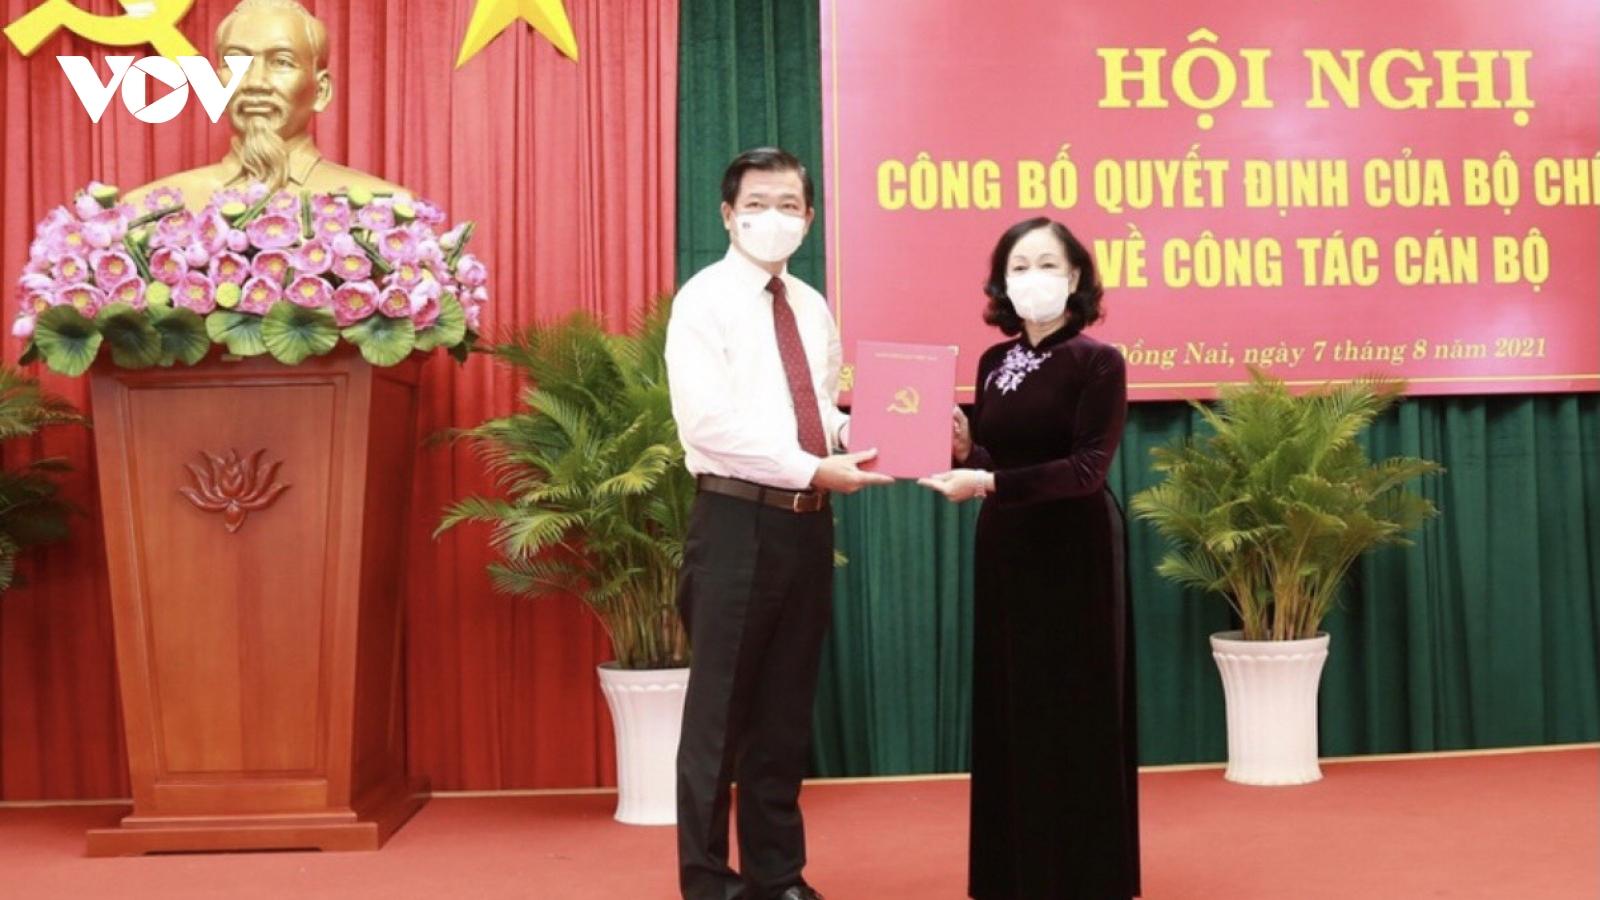 Ông Nguyễn Hồng Lĩnh giữ chức Bí thư Tỉnh ủy Đồng Nai